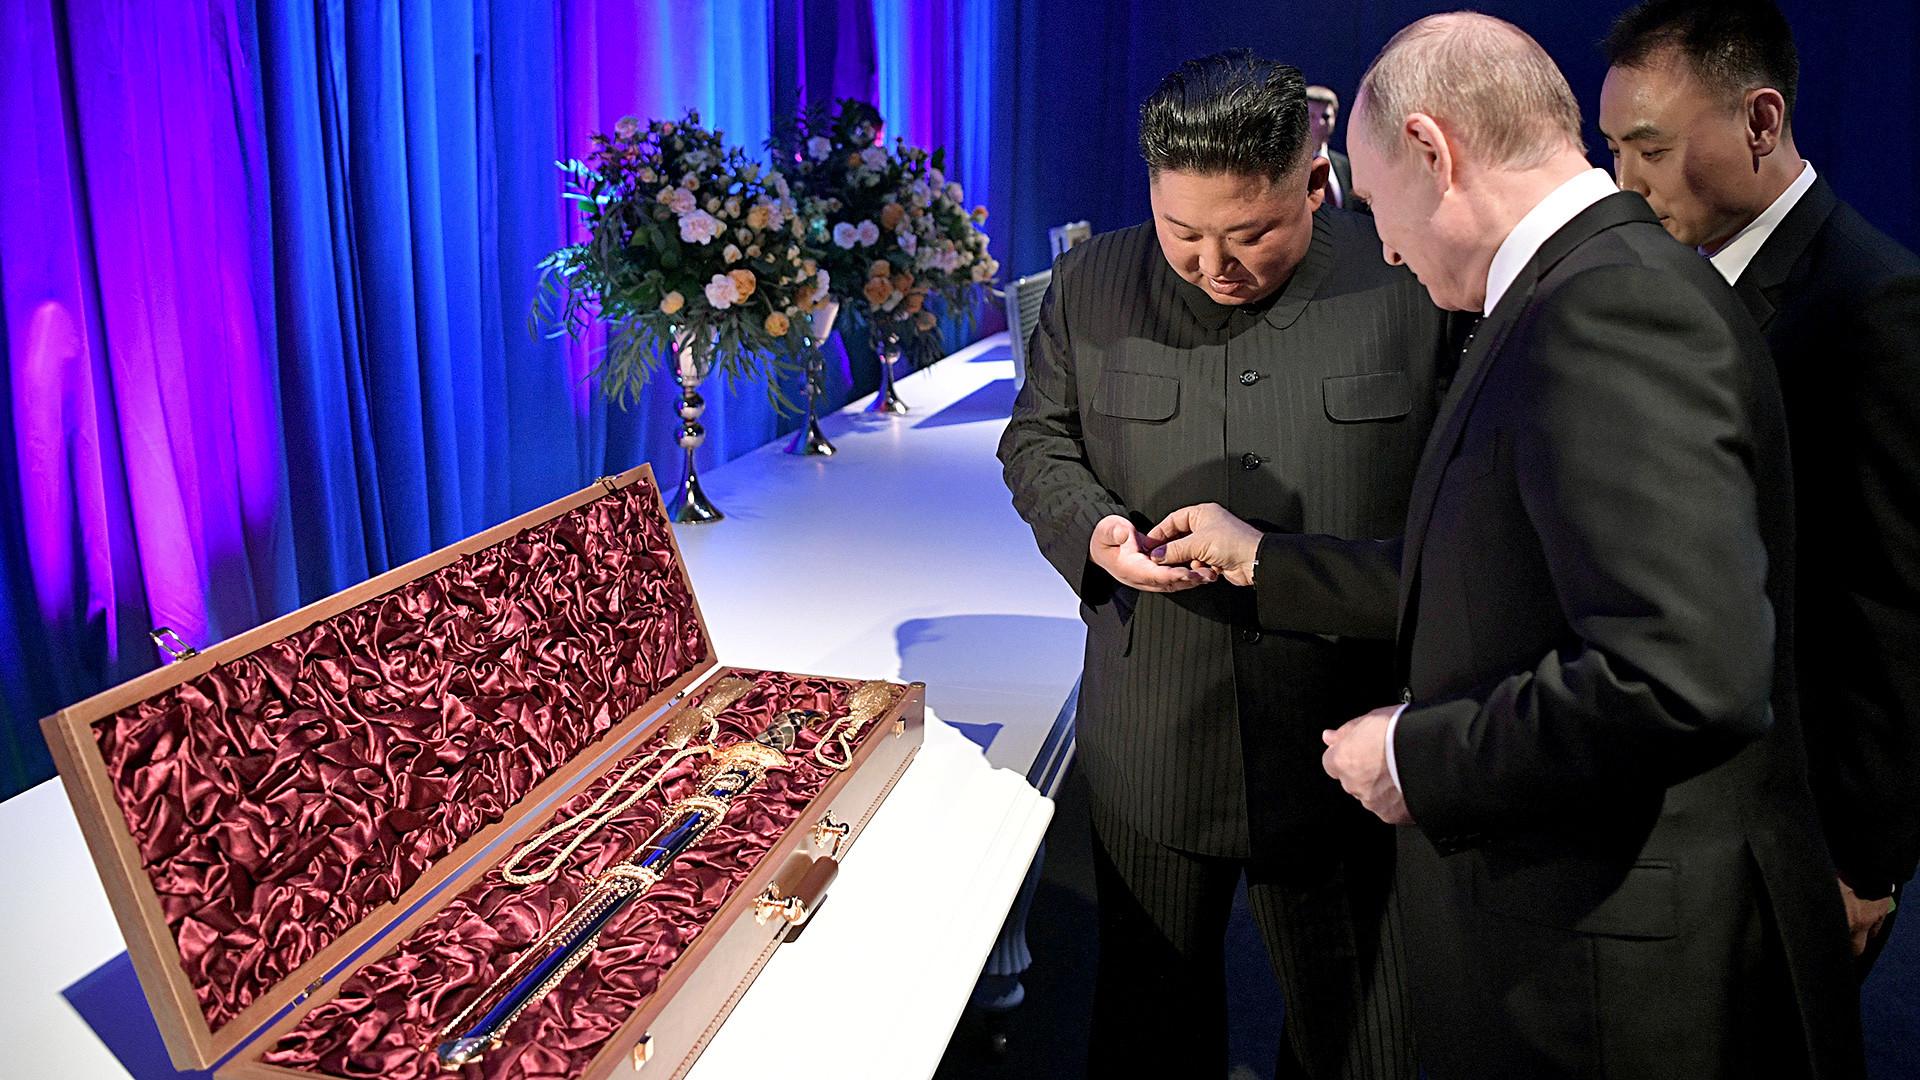 2019年にプーチン大統領と北朝鮮指導者、金正恩が会談した際、後者はロシアの指導者へ、朝鮮の剣を贈った。